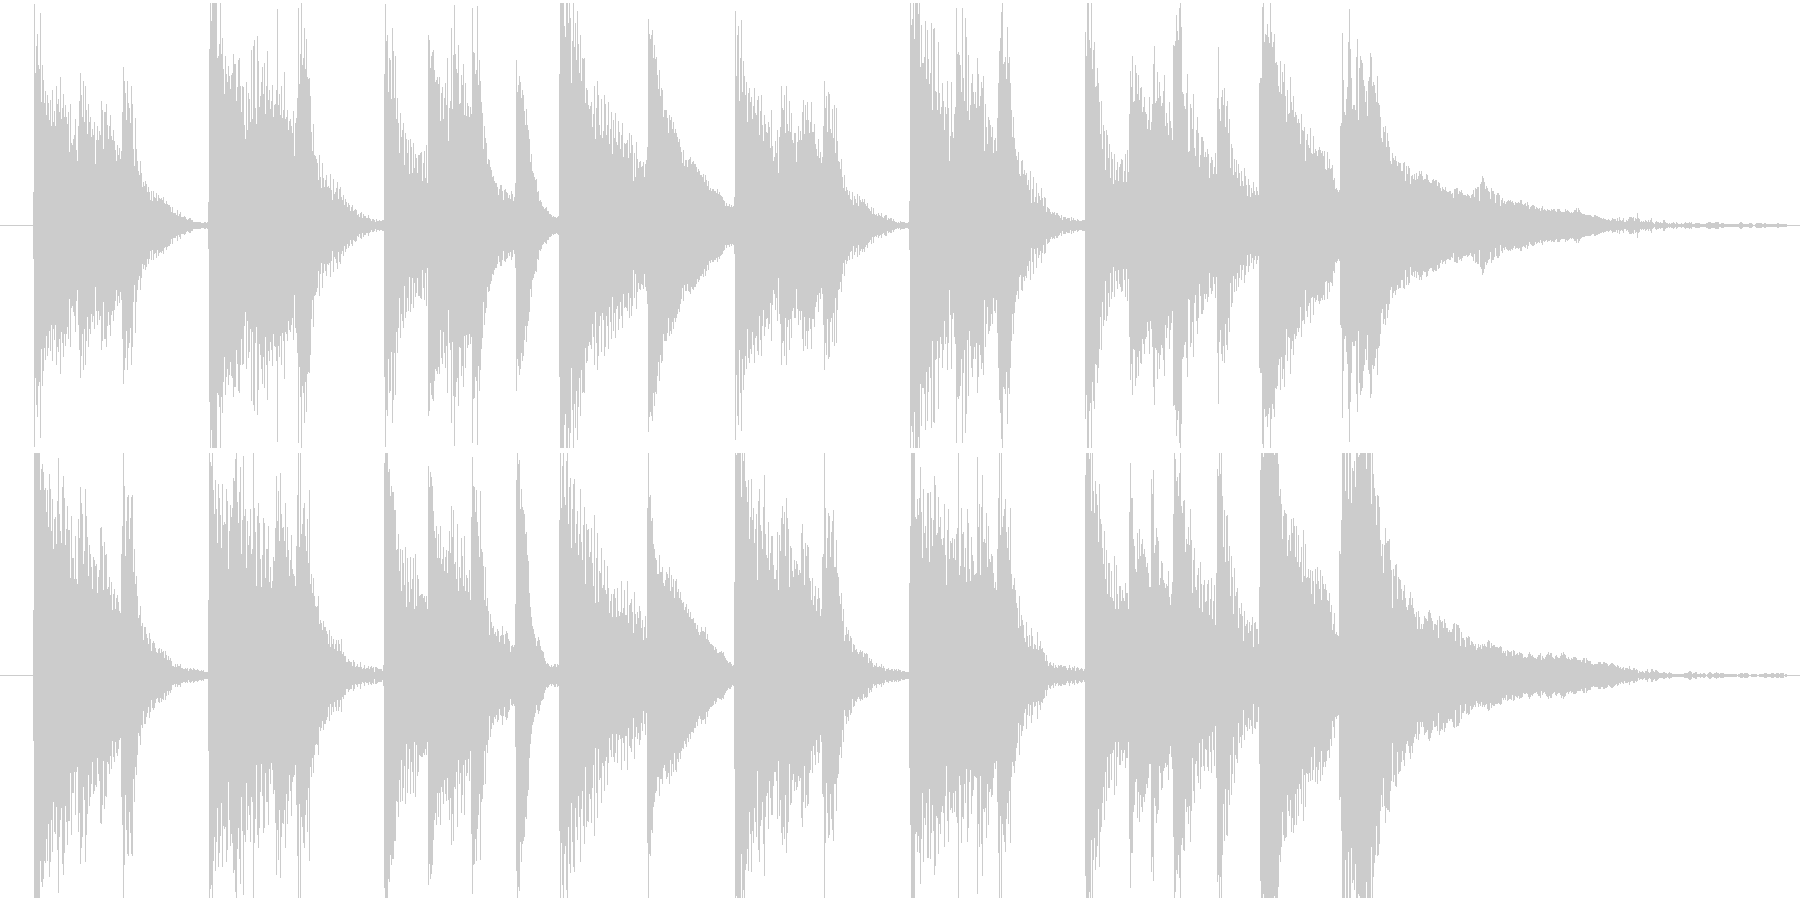 ピアノの明るく軽快なジングルの未再生の波形